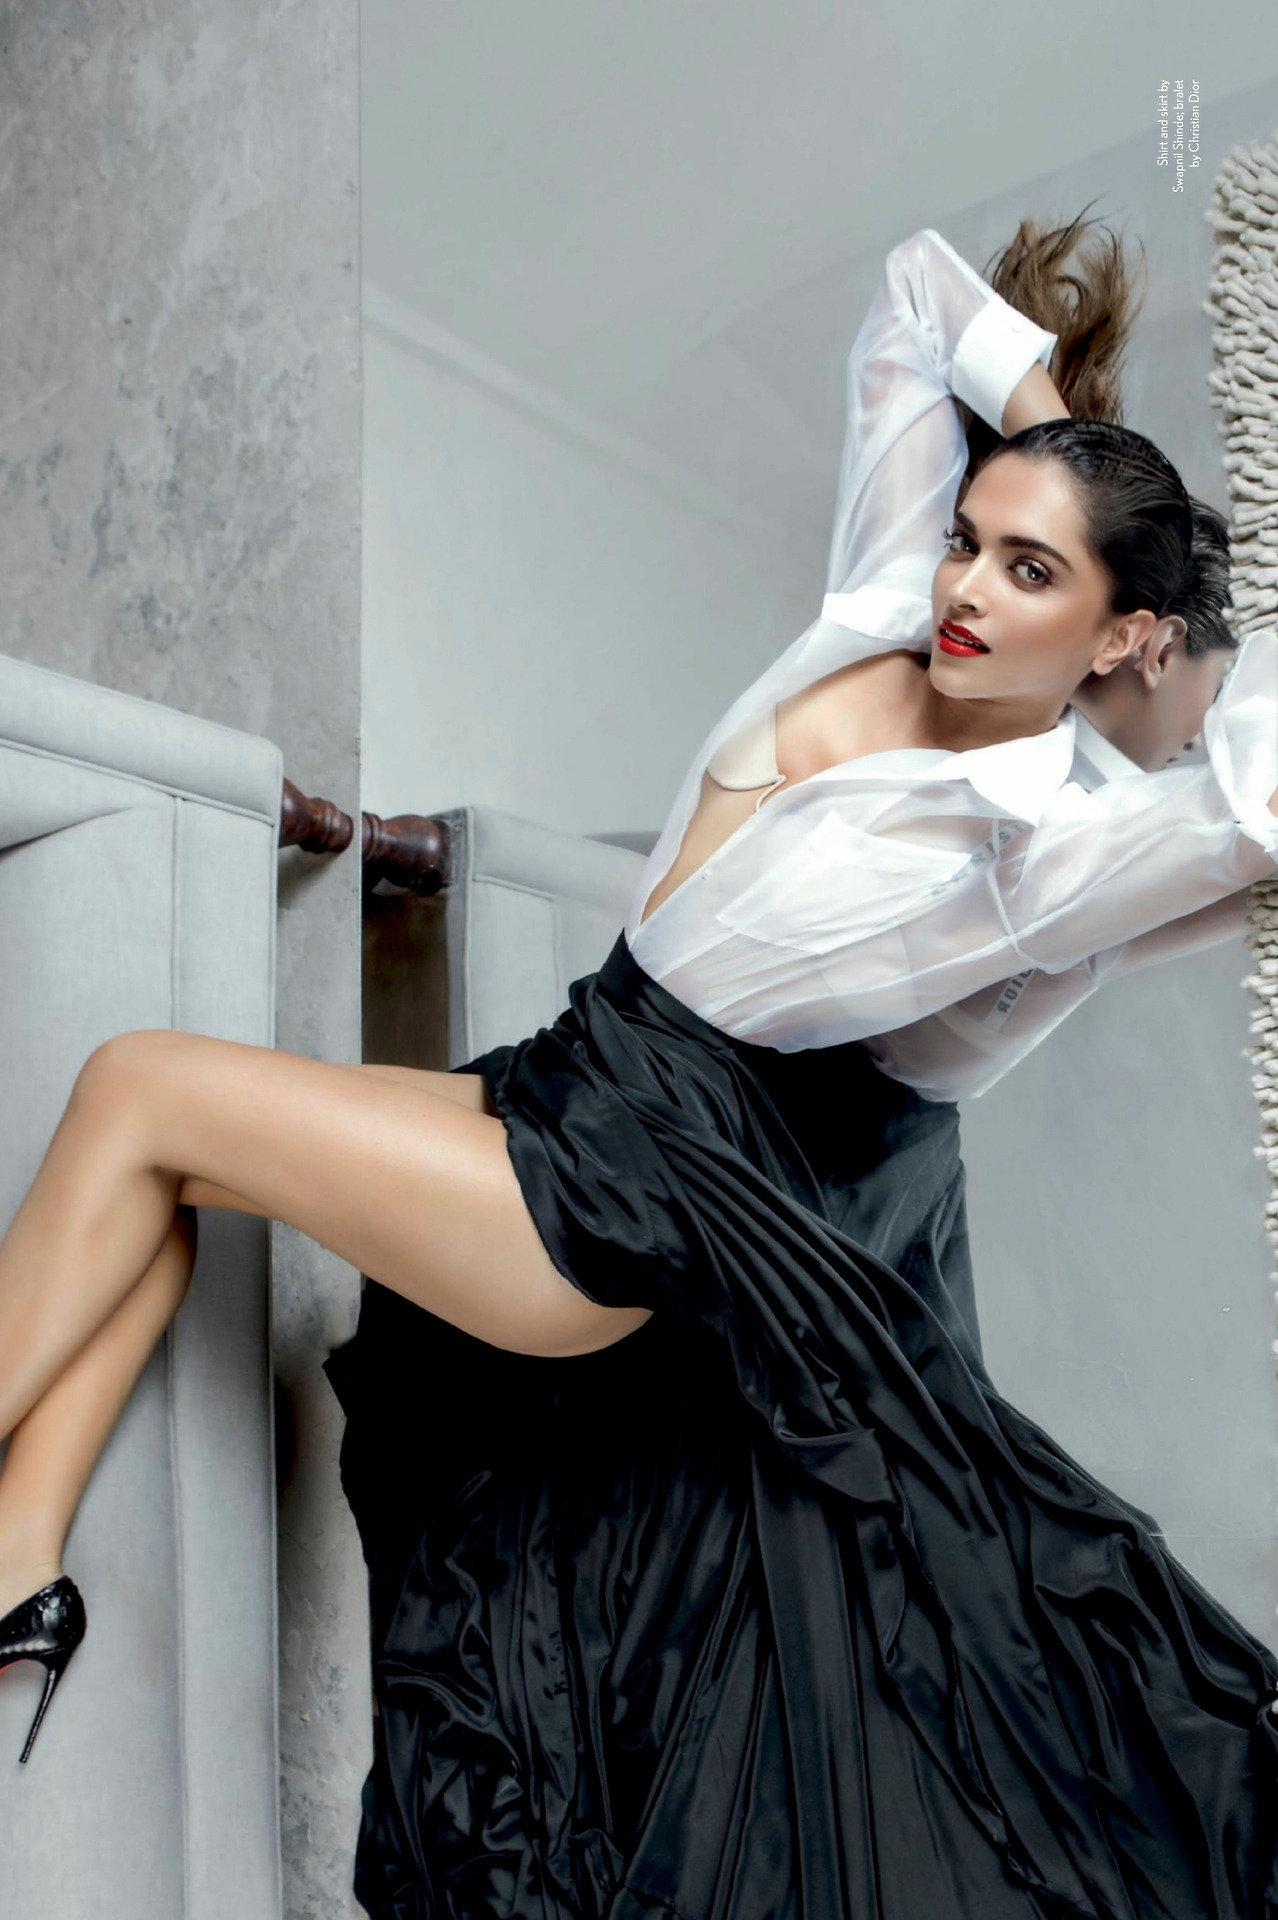 Tamannah bhatia hot thighs show in romance dance - 2 9